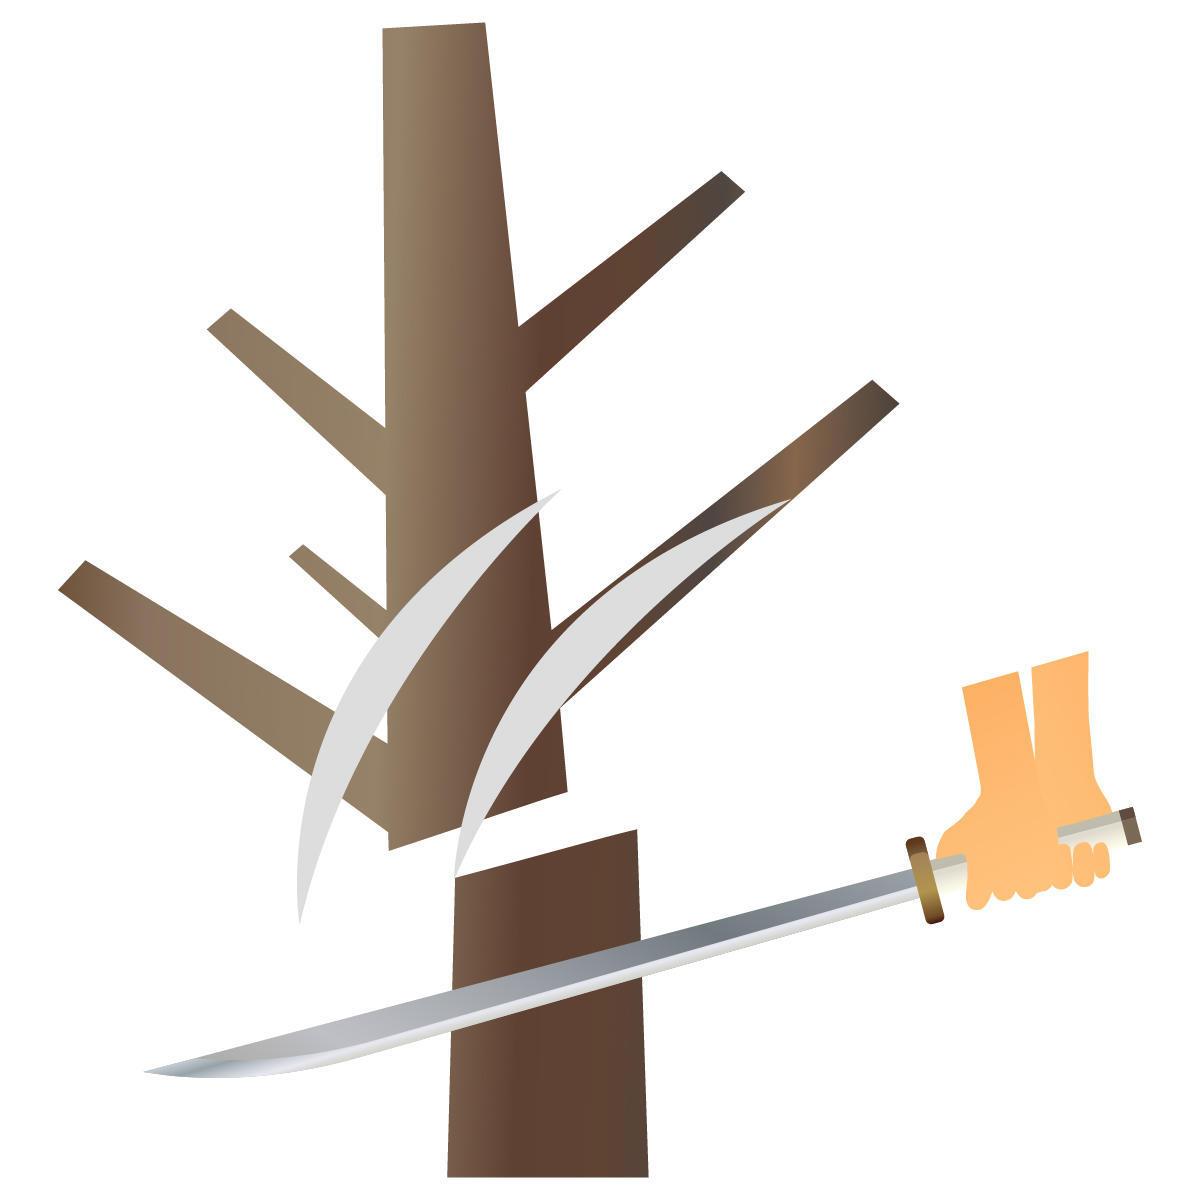 木を切る刀